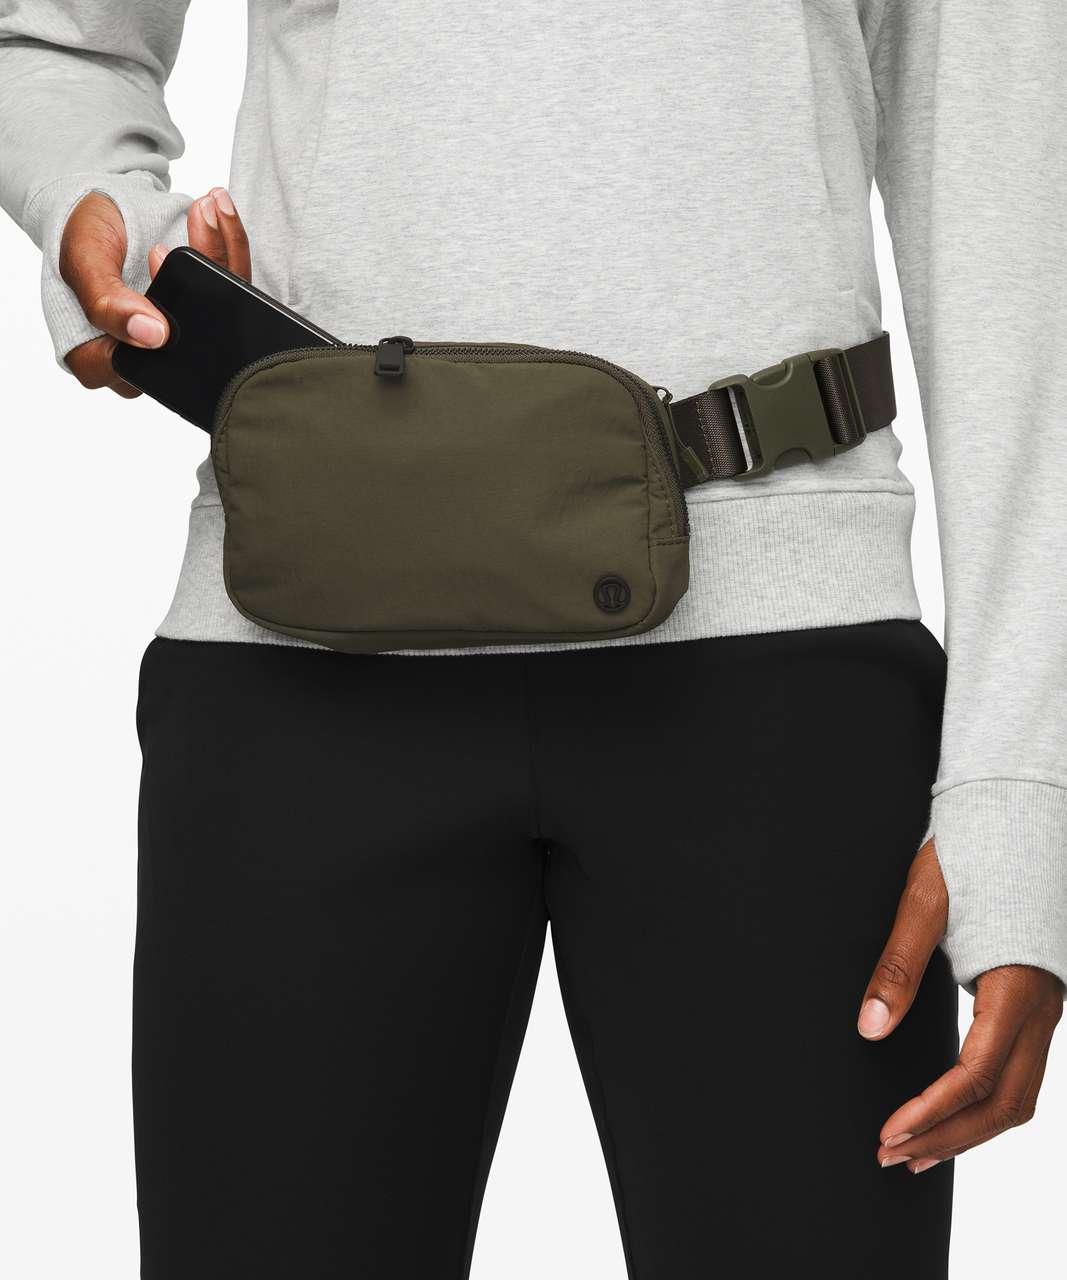 Lululemon Everywhere Belt Bag *1L - Armory